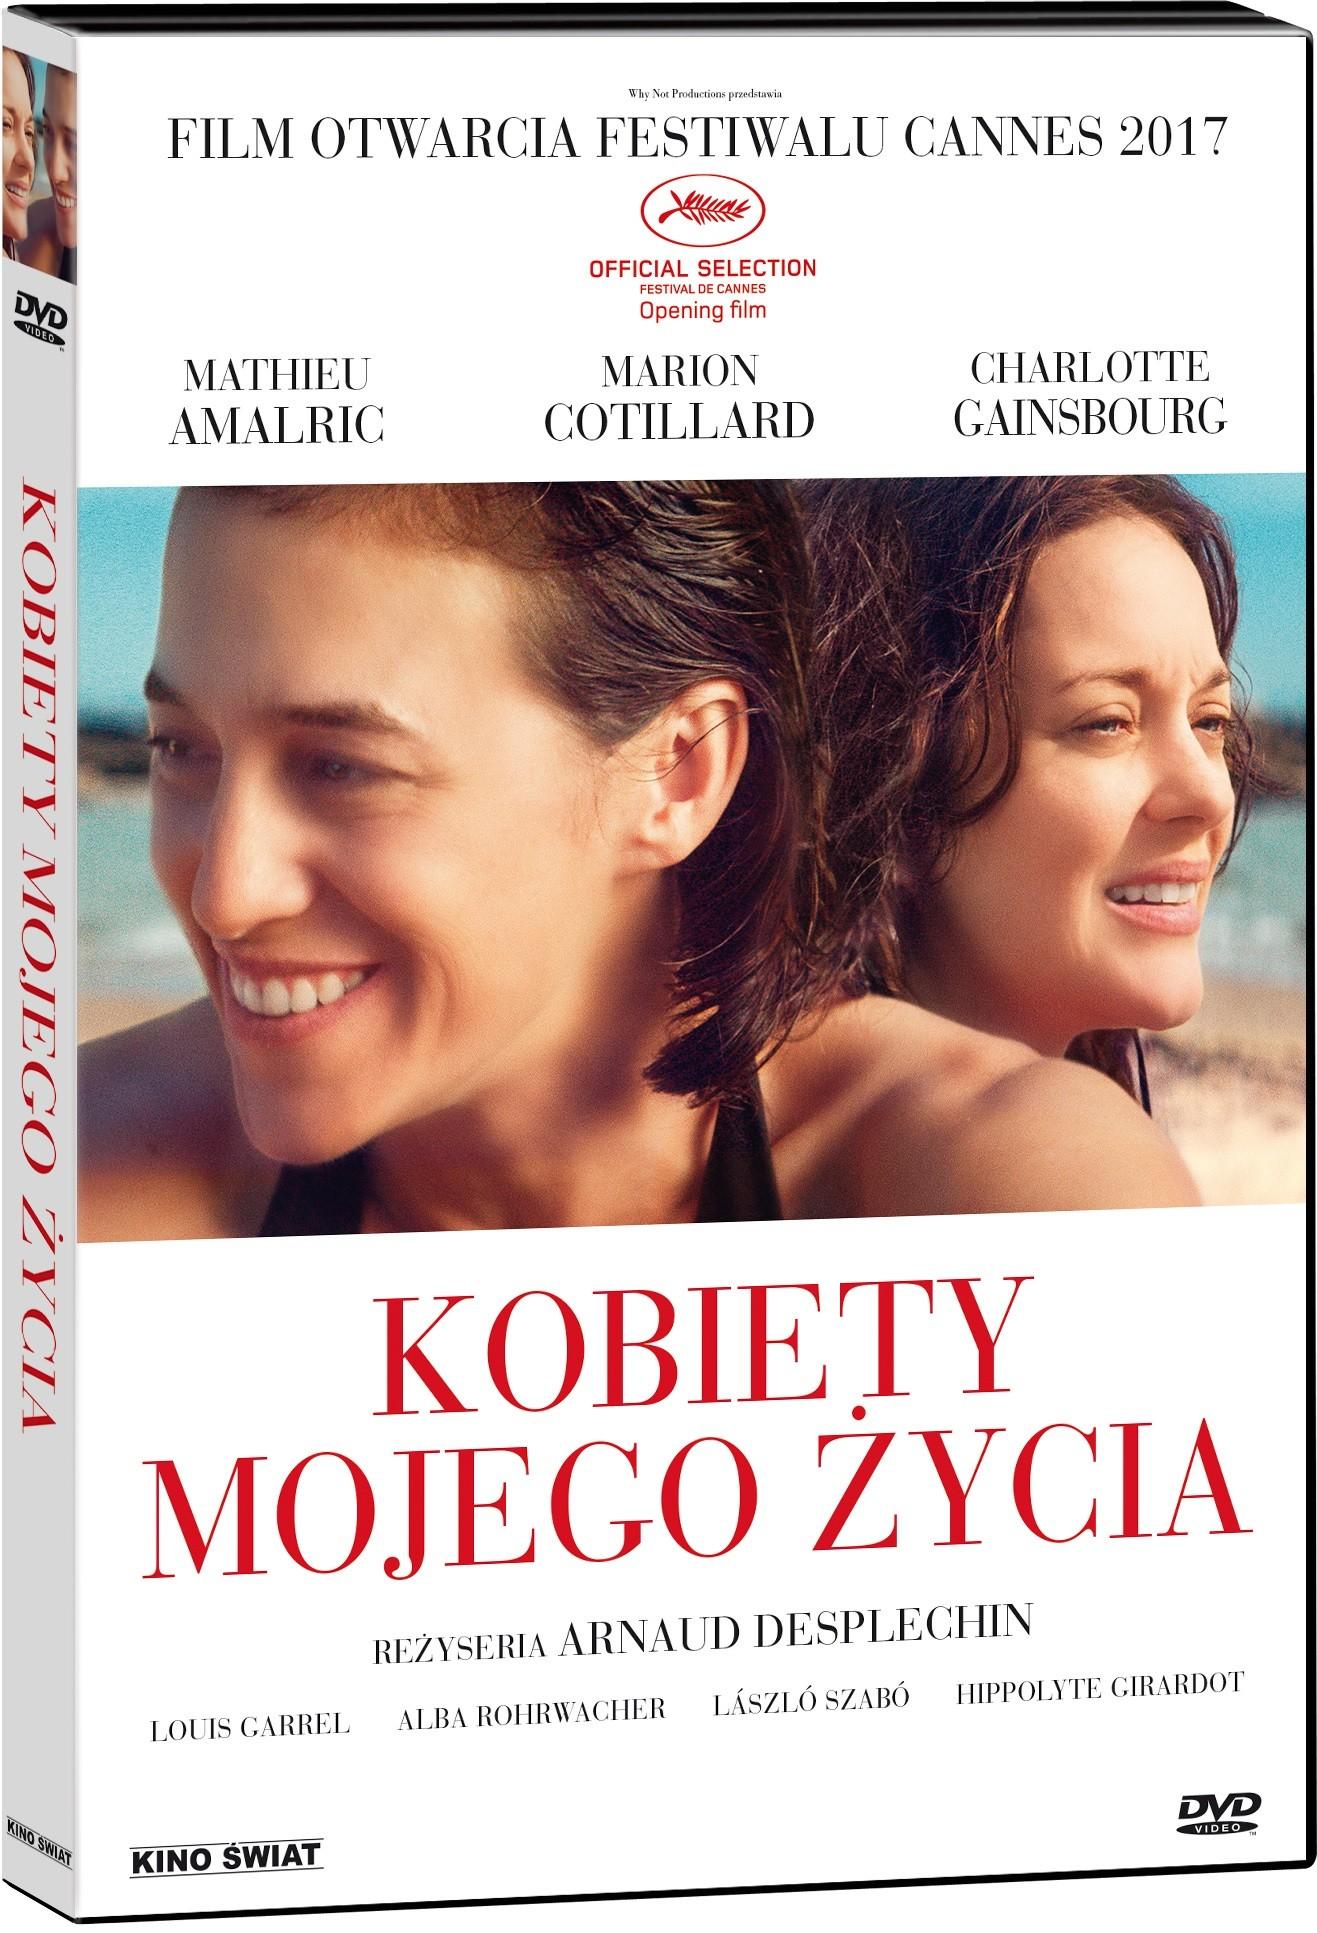 Kobiety-mojego-zycia_3D-DVD.jpg